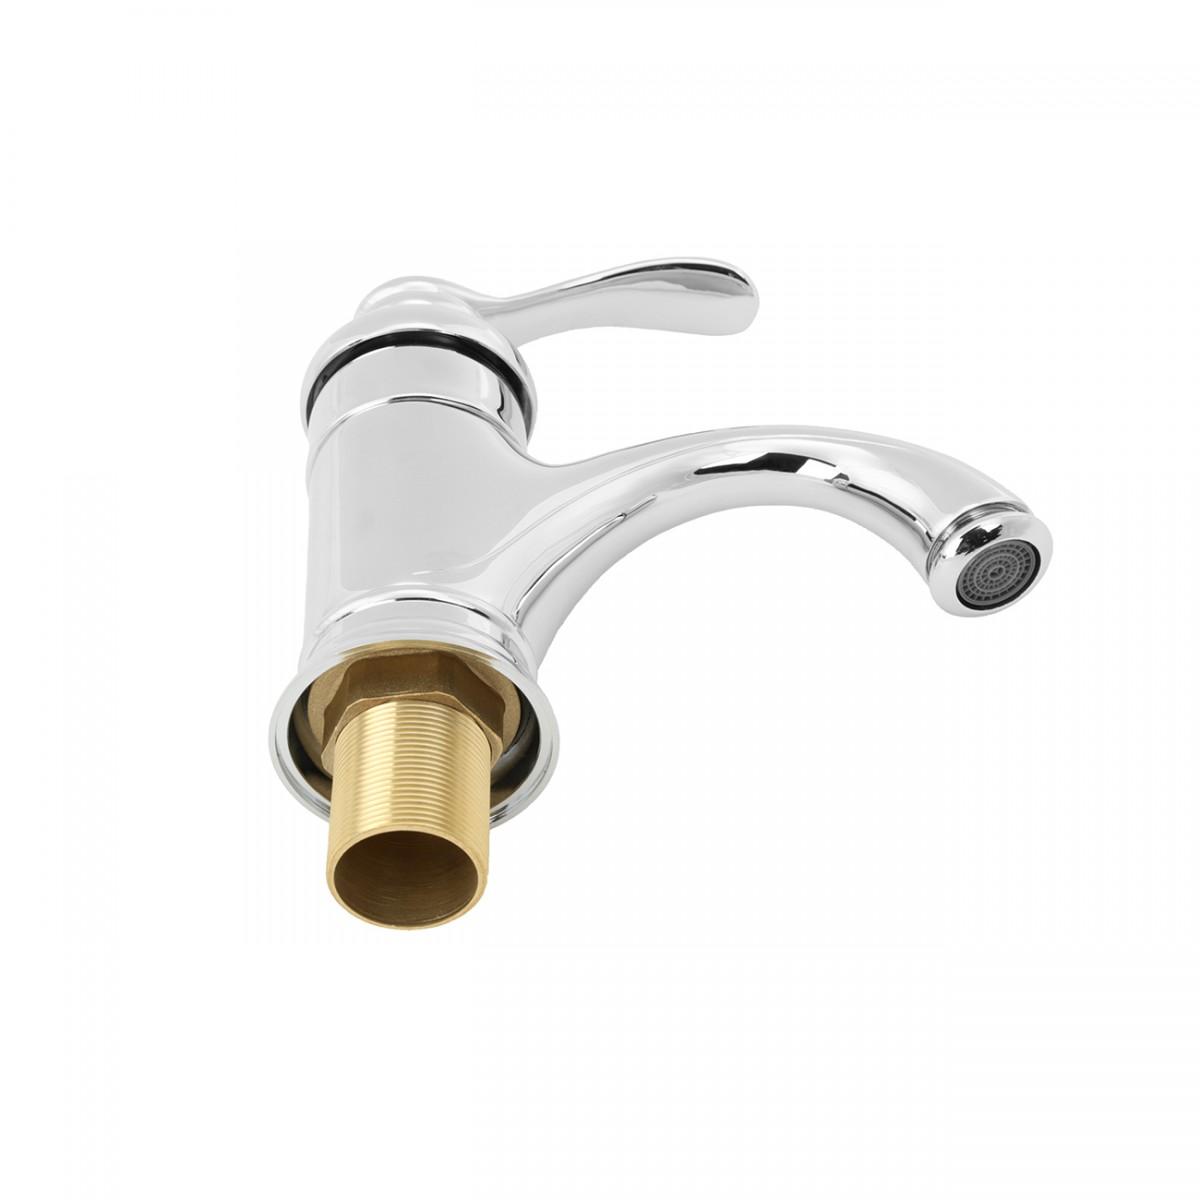 Bathroom Faucet Chrome Plated Ashley Single Hole 1 Handle Single Hole Faucets Bathroom Sink Faucets Bathroom Faucet